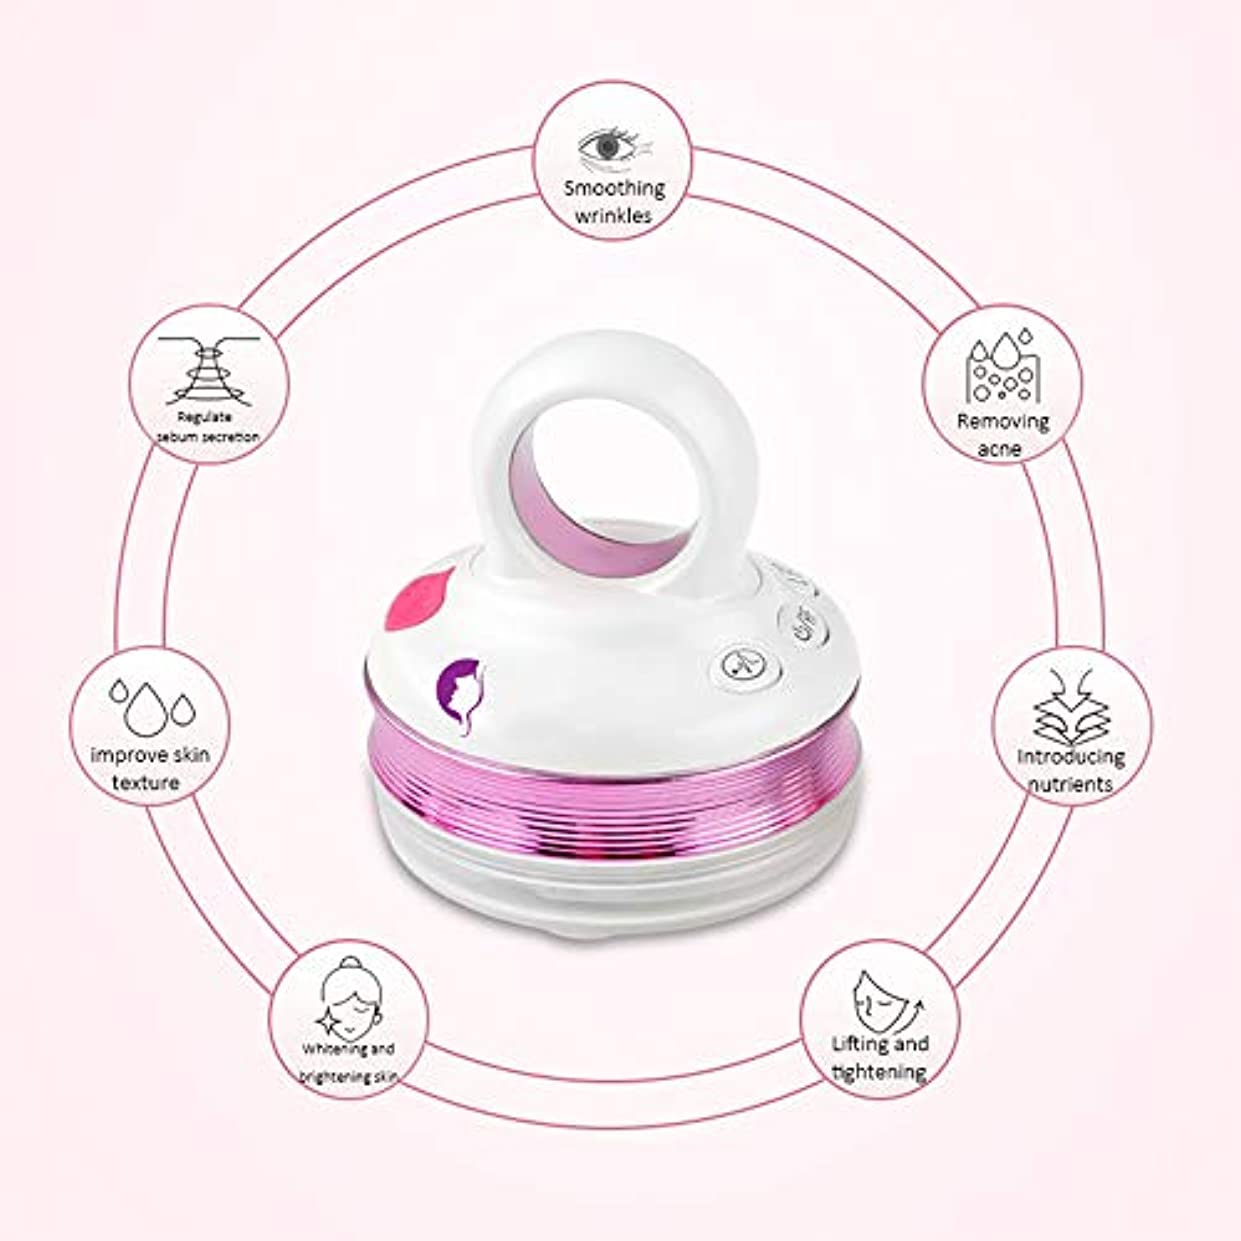 プリーツ簡単な甘いRFラジオ周波数フェイシャルマシン、EMSマッサージャー、ハンドヘルドフェイシャルイオン導入美容機器、家庭用美容機器振動機器,Purple